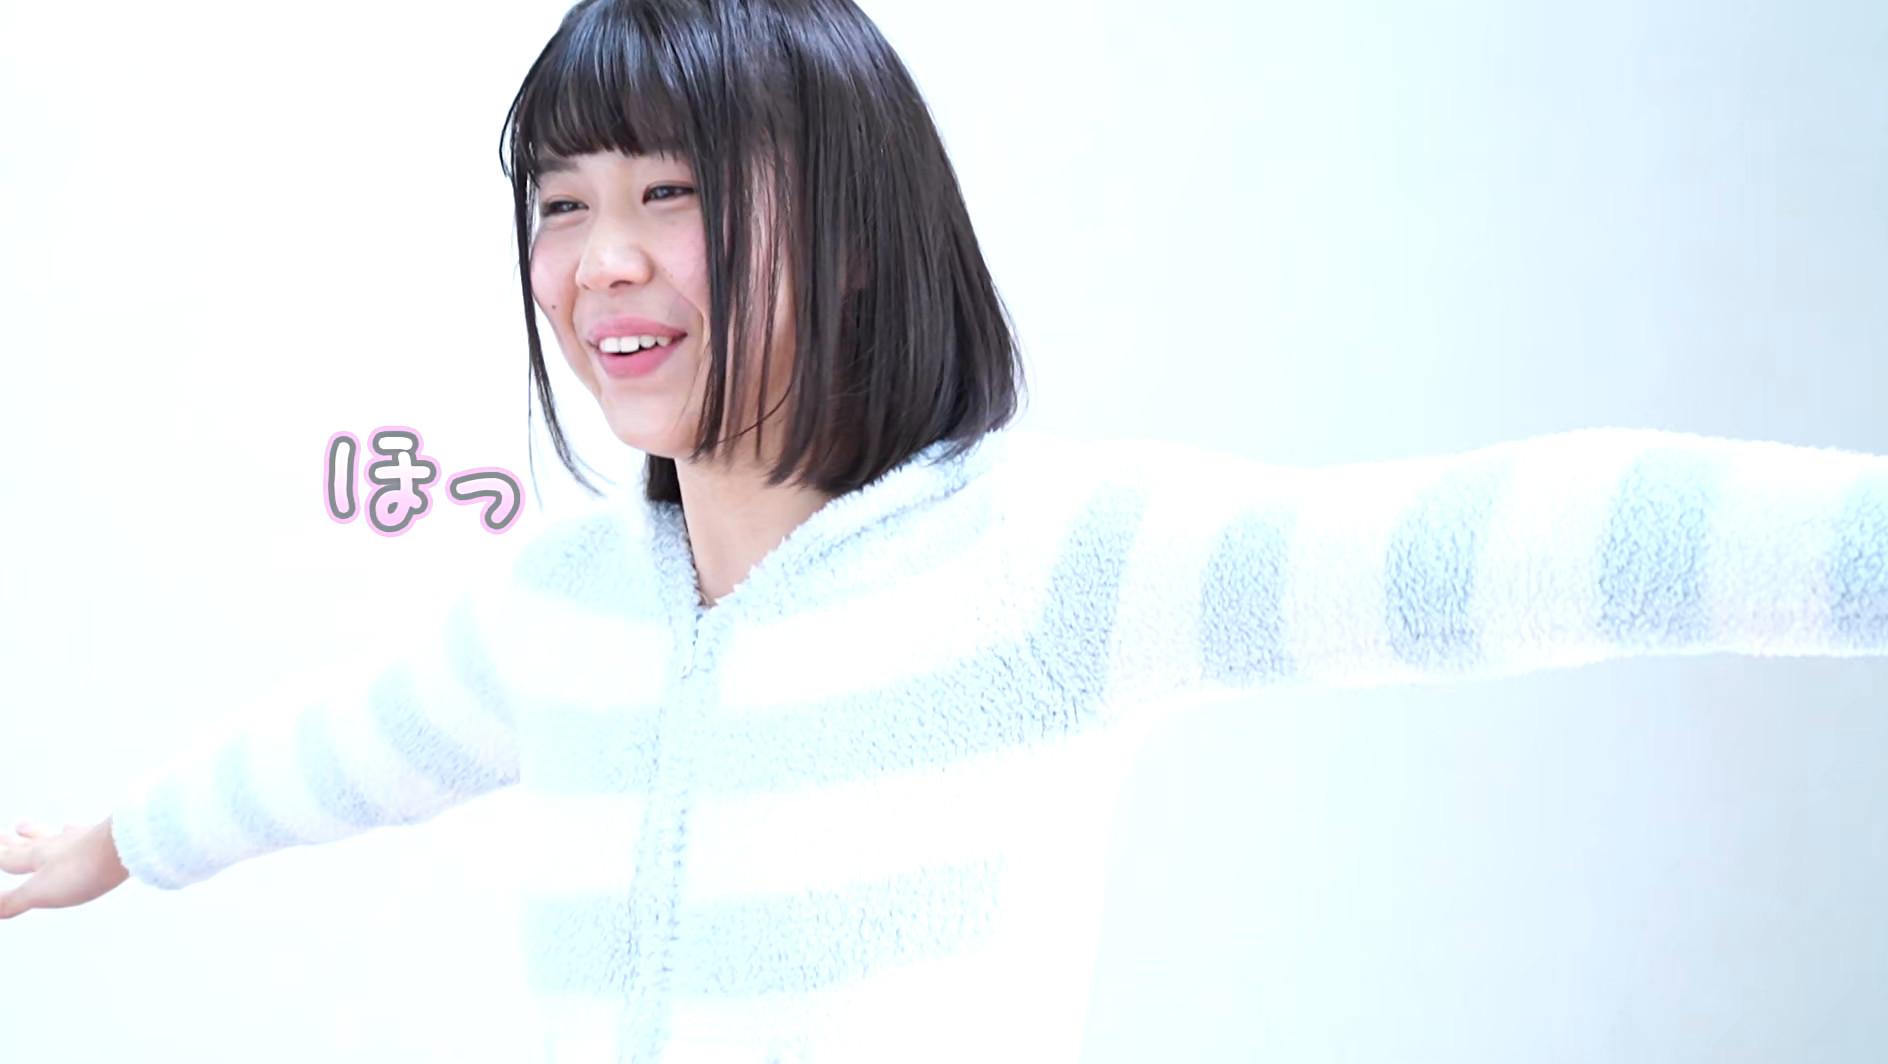 キミ、10代、恋の予感 渡邉日向 画像9